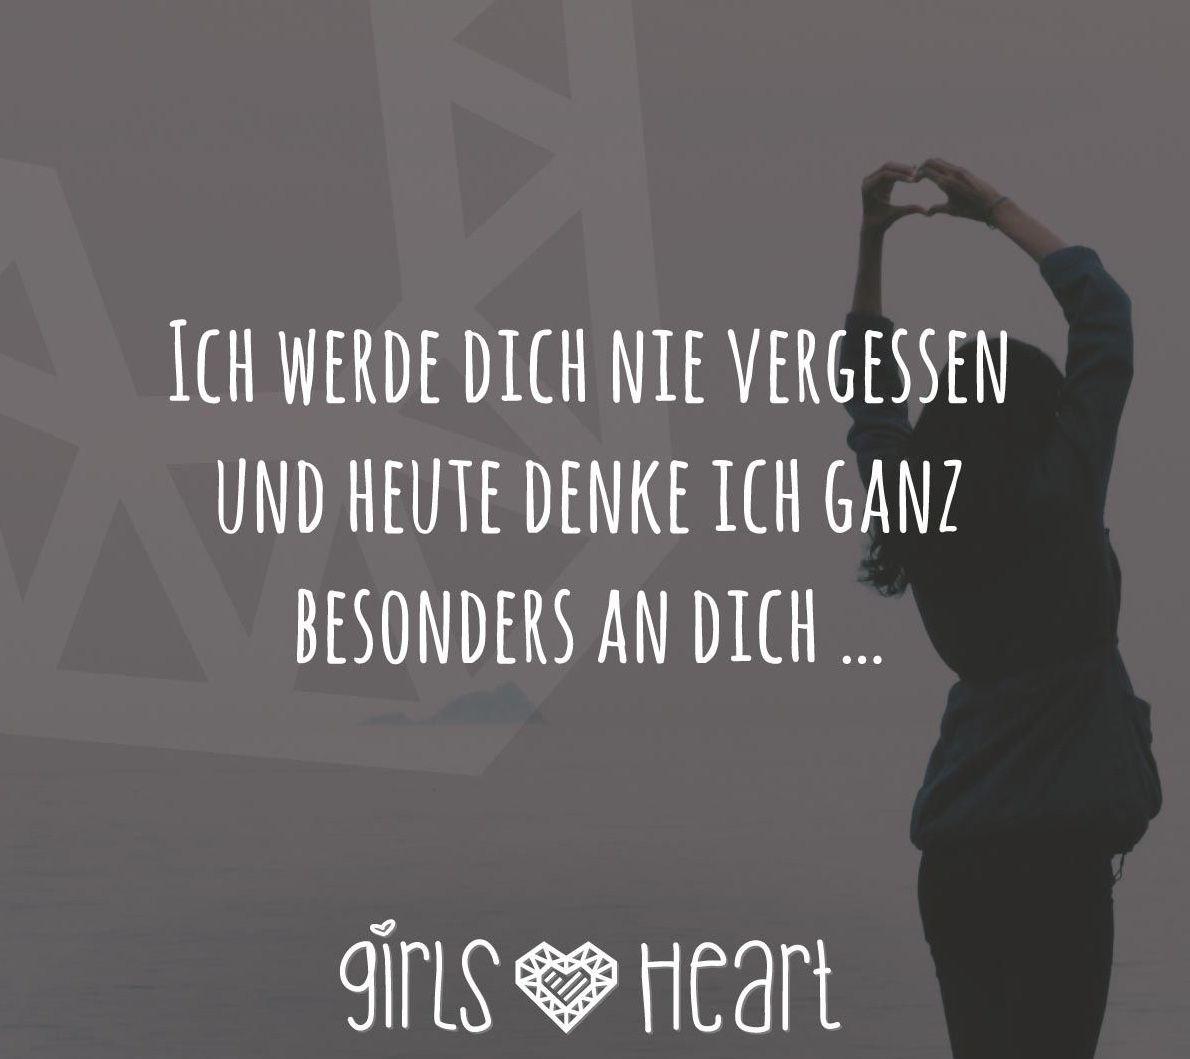 Pin von Angi Kräber auf Schöne Liebe Sprüche | Traurig